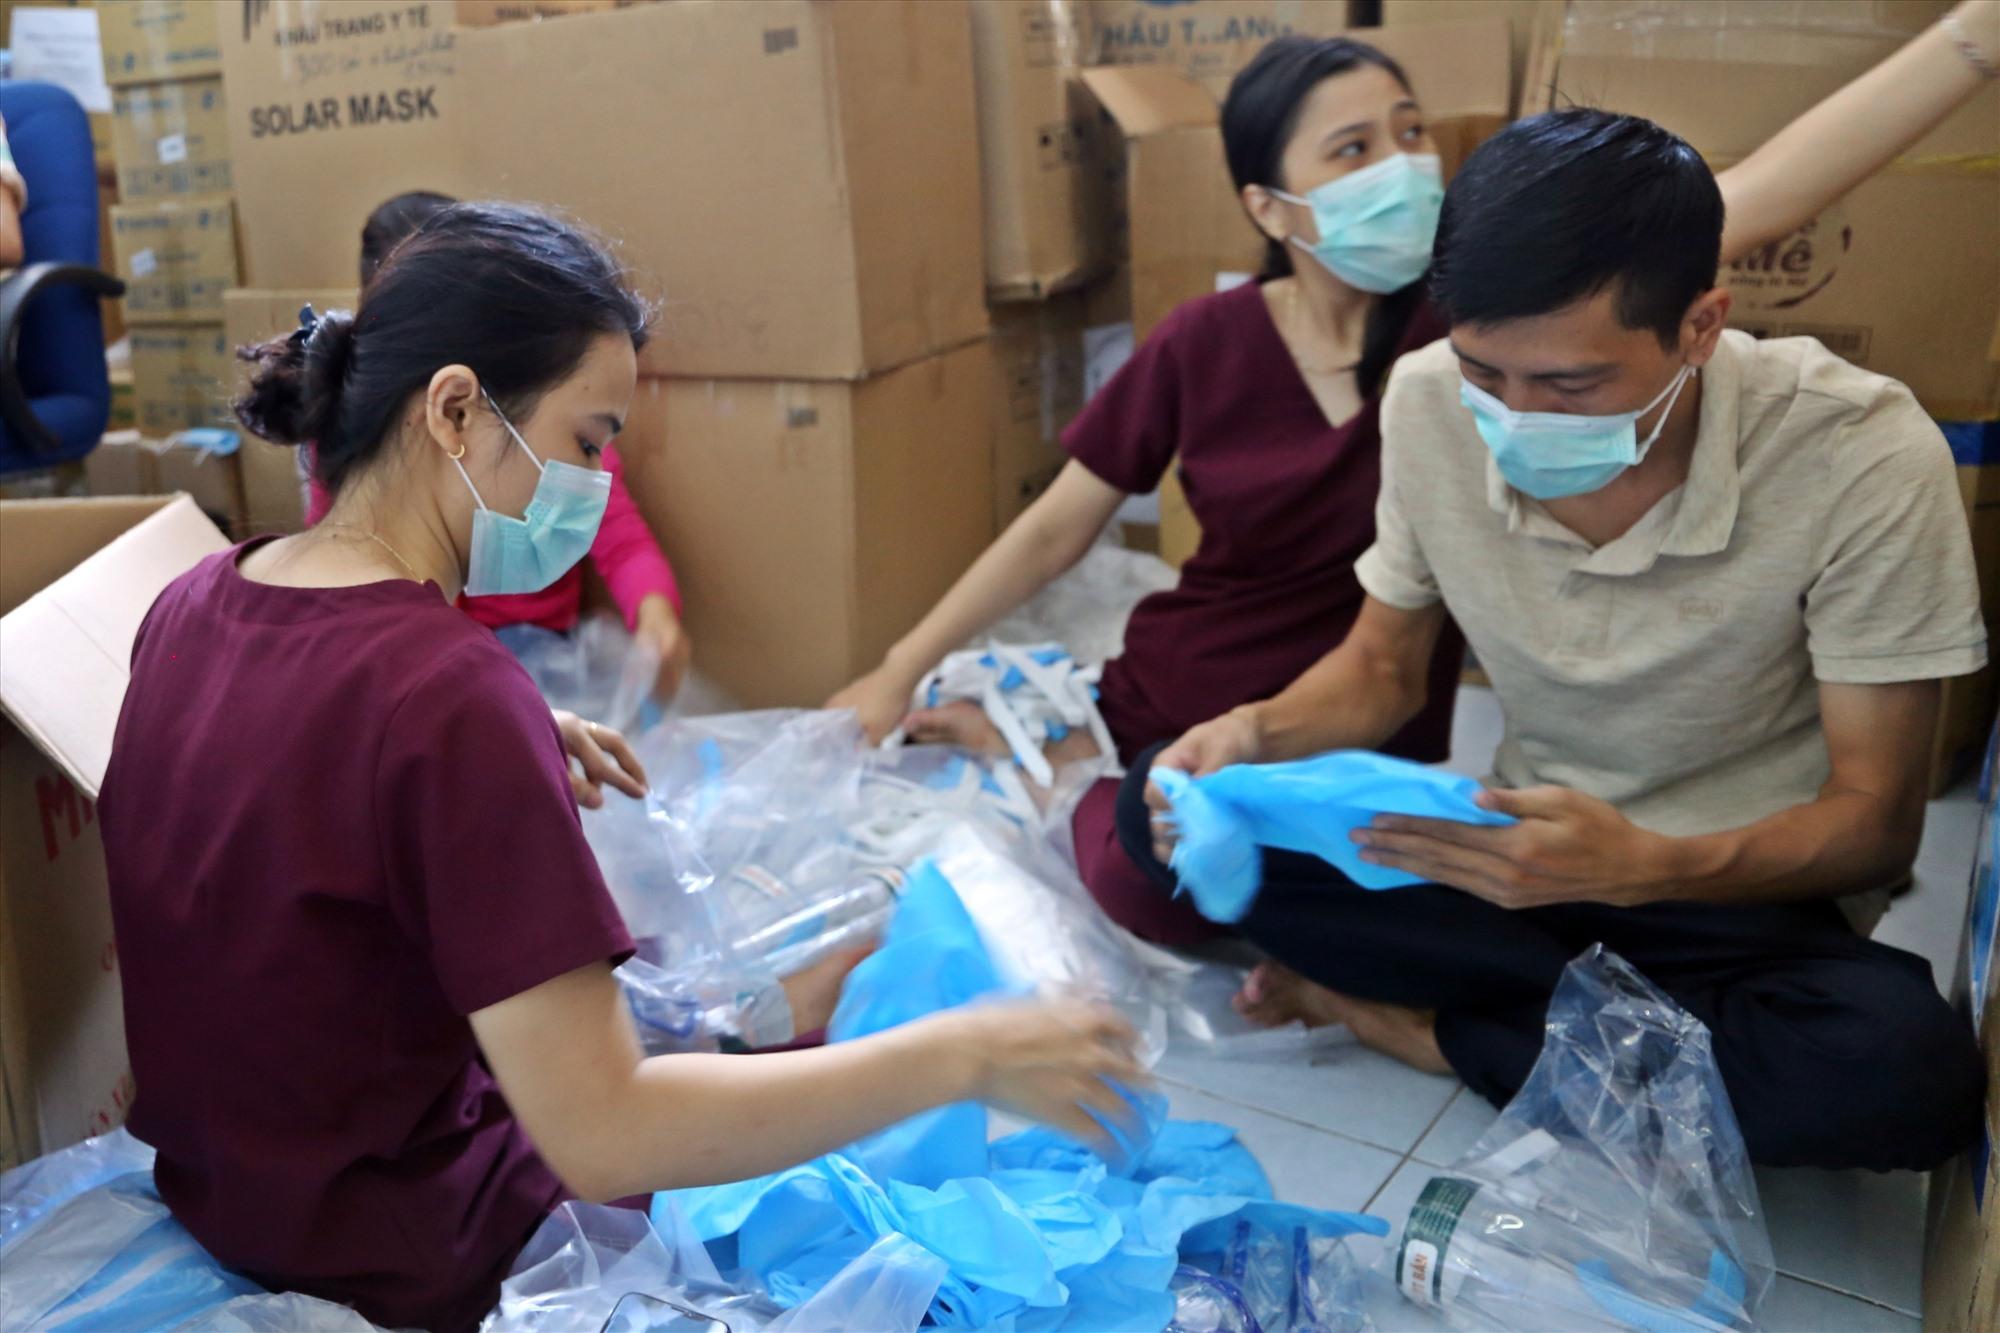 Các y bác sĩ, nhân viên của Bệnh viện Đa khoa Trung ương Quảng Nam tranh thủ buổi tối để chuẩn bị các trang bị bảo hộ cho đội ngũ điều trị bệnh nhân Covid-19. Ảnh: THẢO ĐẠO